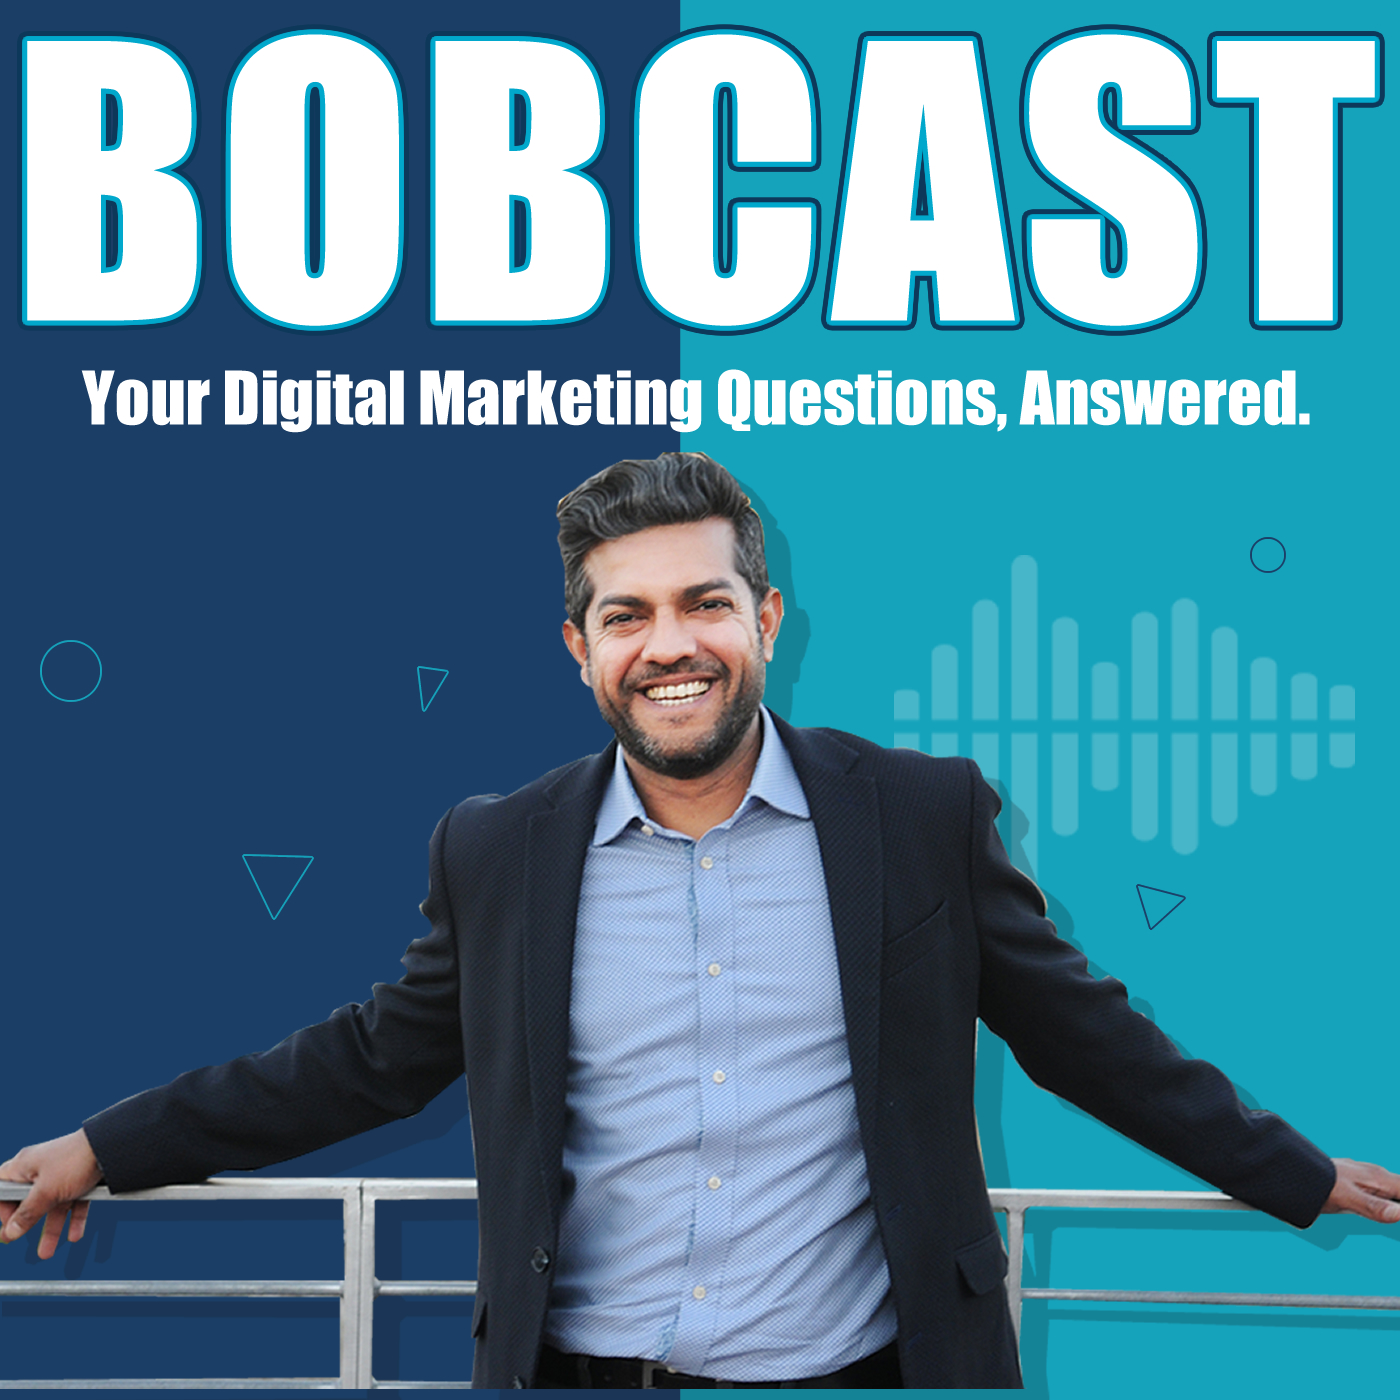 BobCast - The Digital Marketing Podcast show art